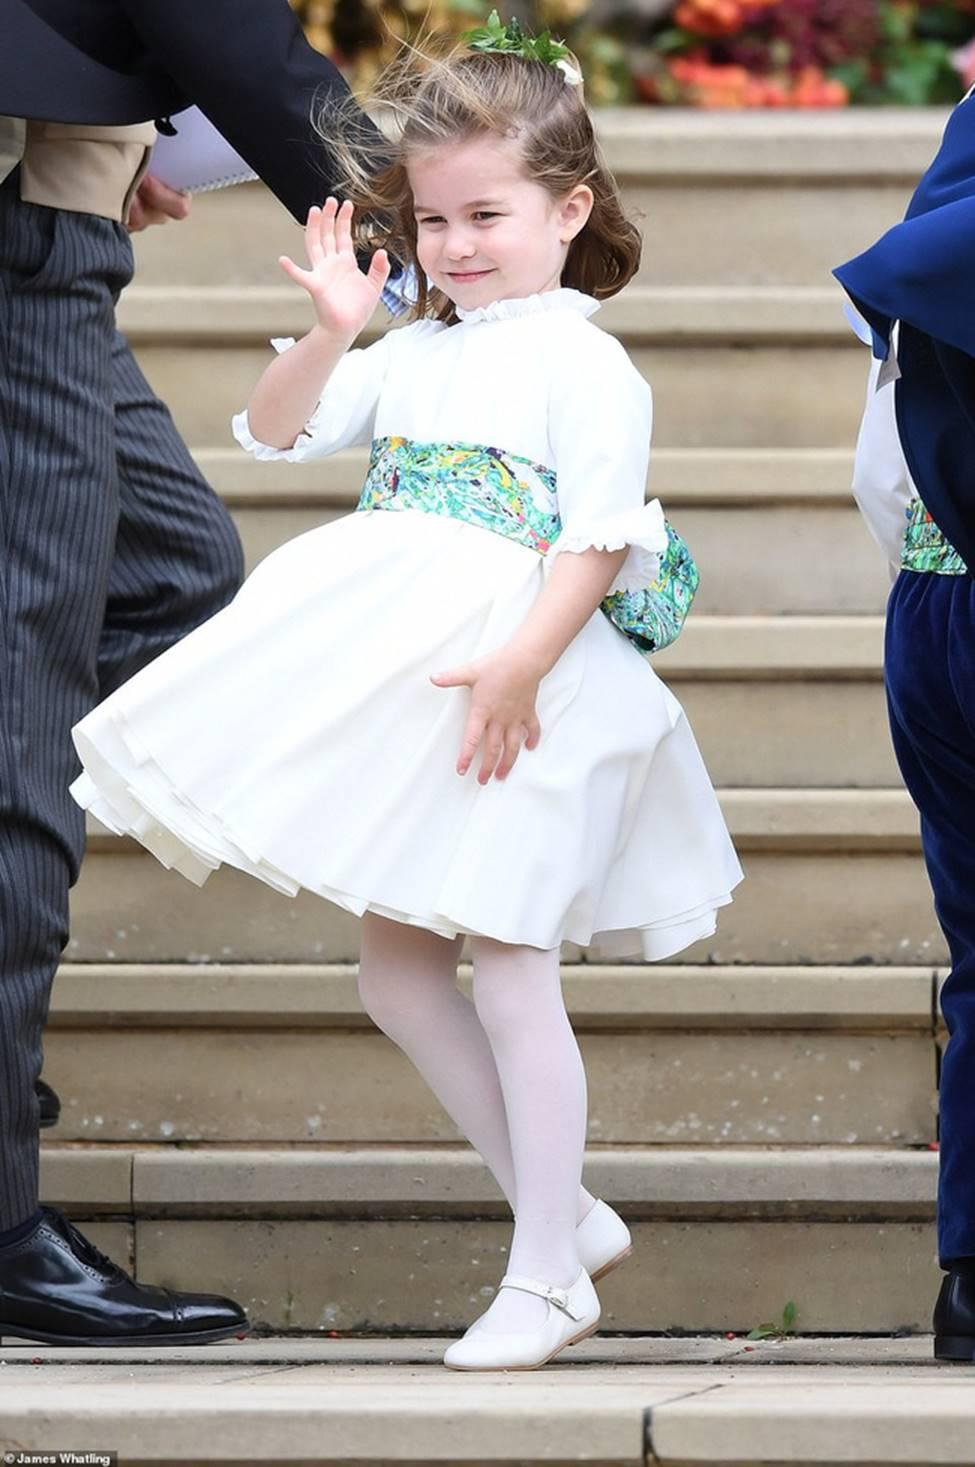 Đi đám cưới cô họ, Công chúa Charlotte tiếp tục gây thương nhớ bằng loạt biểu cảm đáng yêu xinh như thiên thần-5